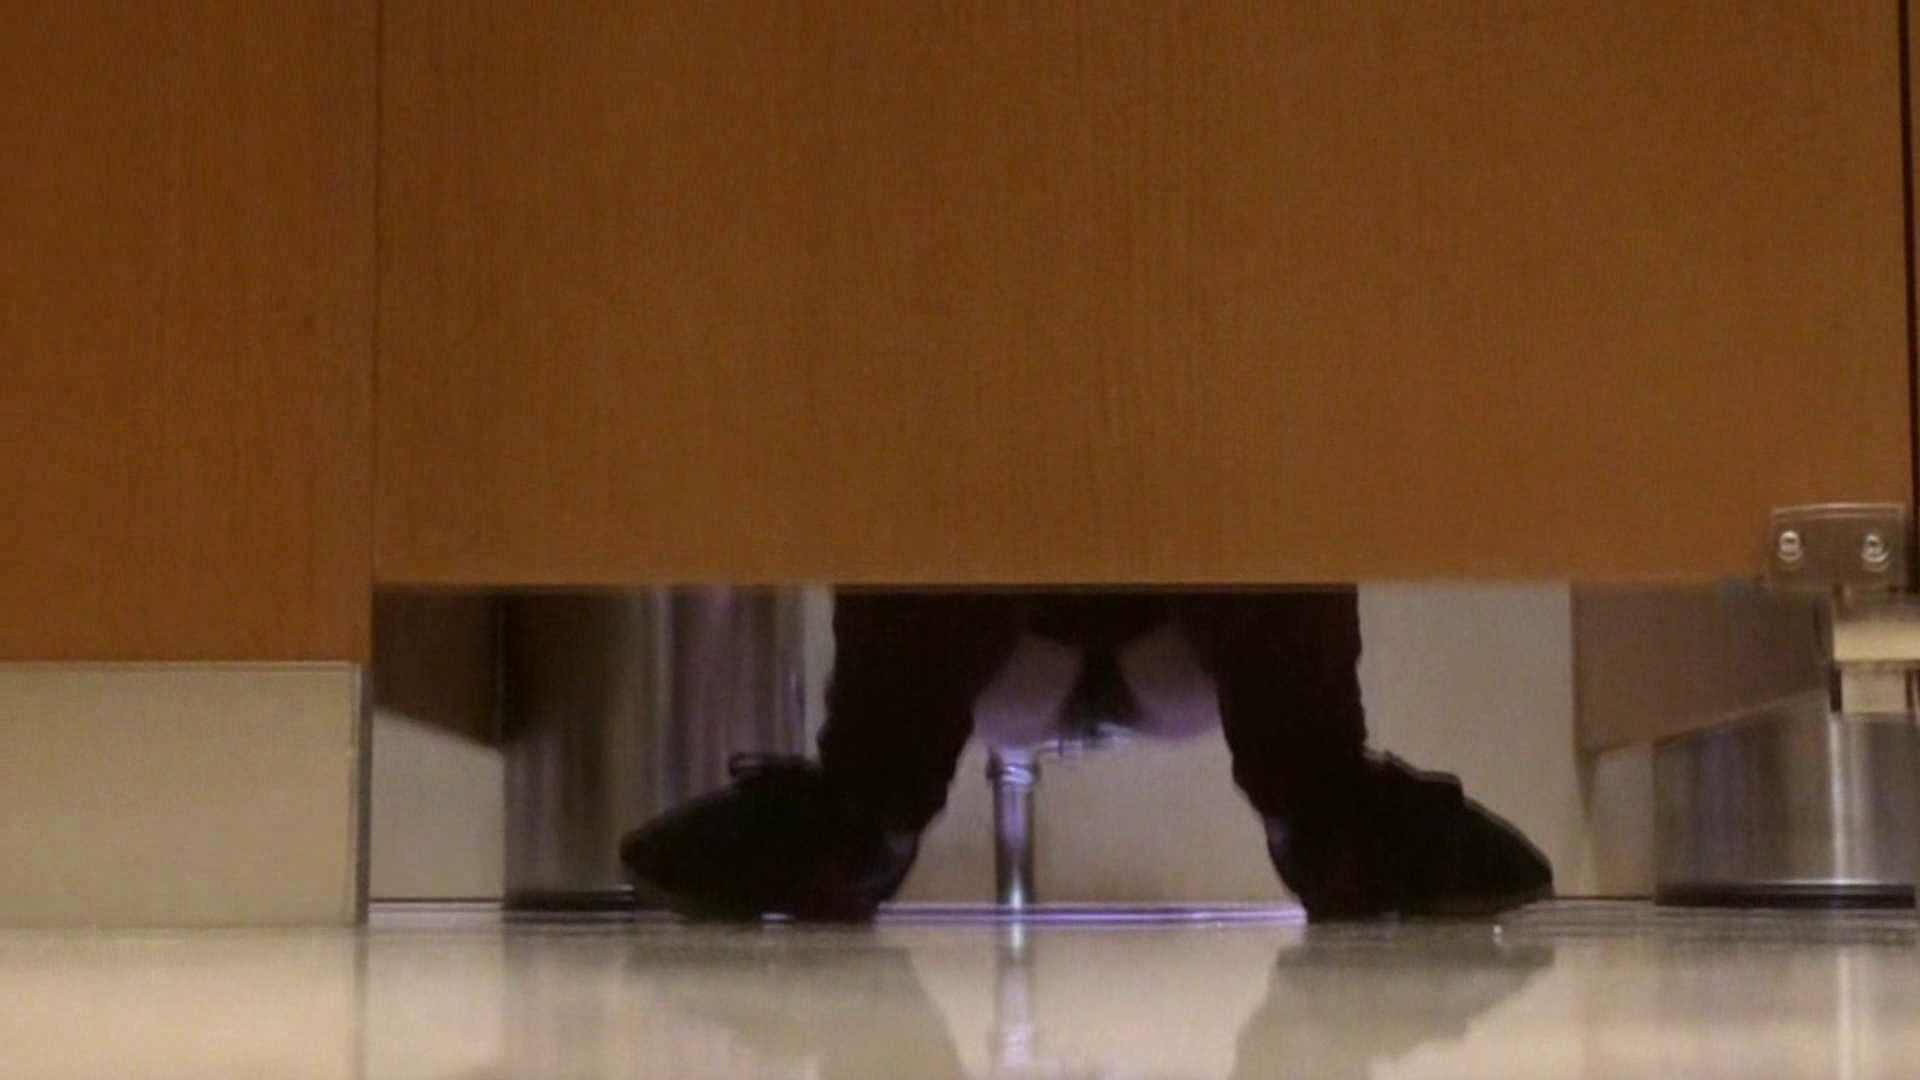 「噂」の国の厠観察日記2 Vol.01 OLセックス 盗み撮り動画キャプチャ 51画像 17